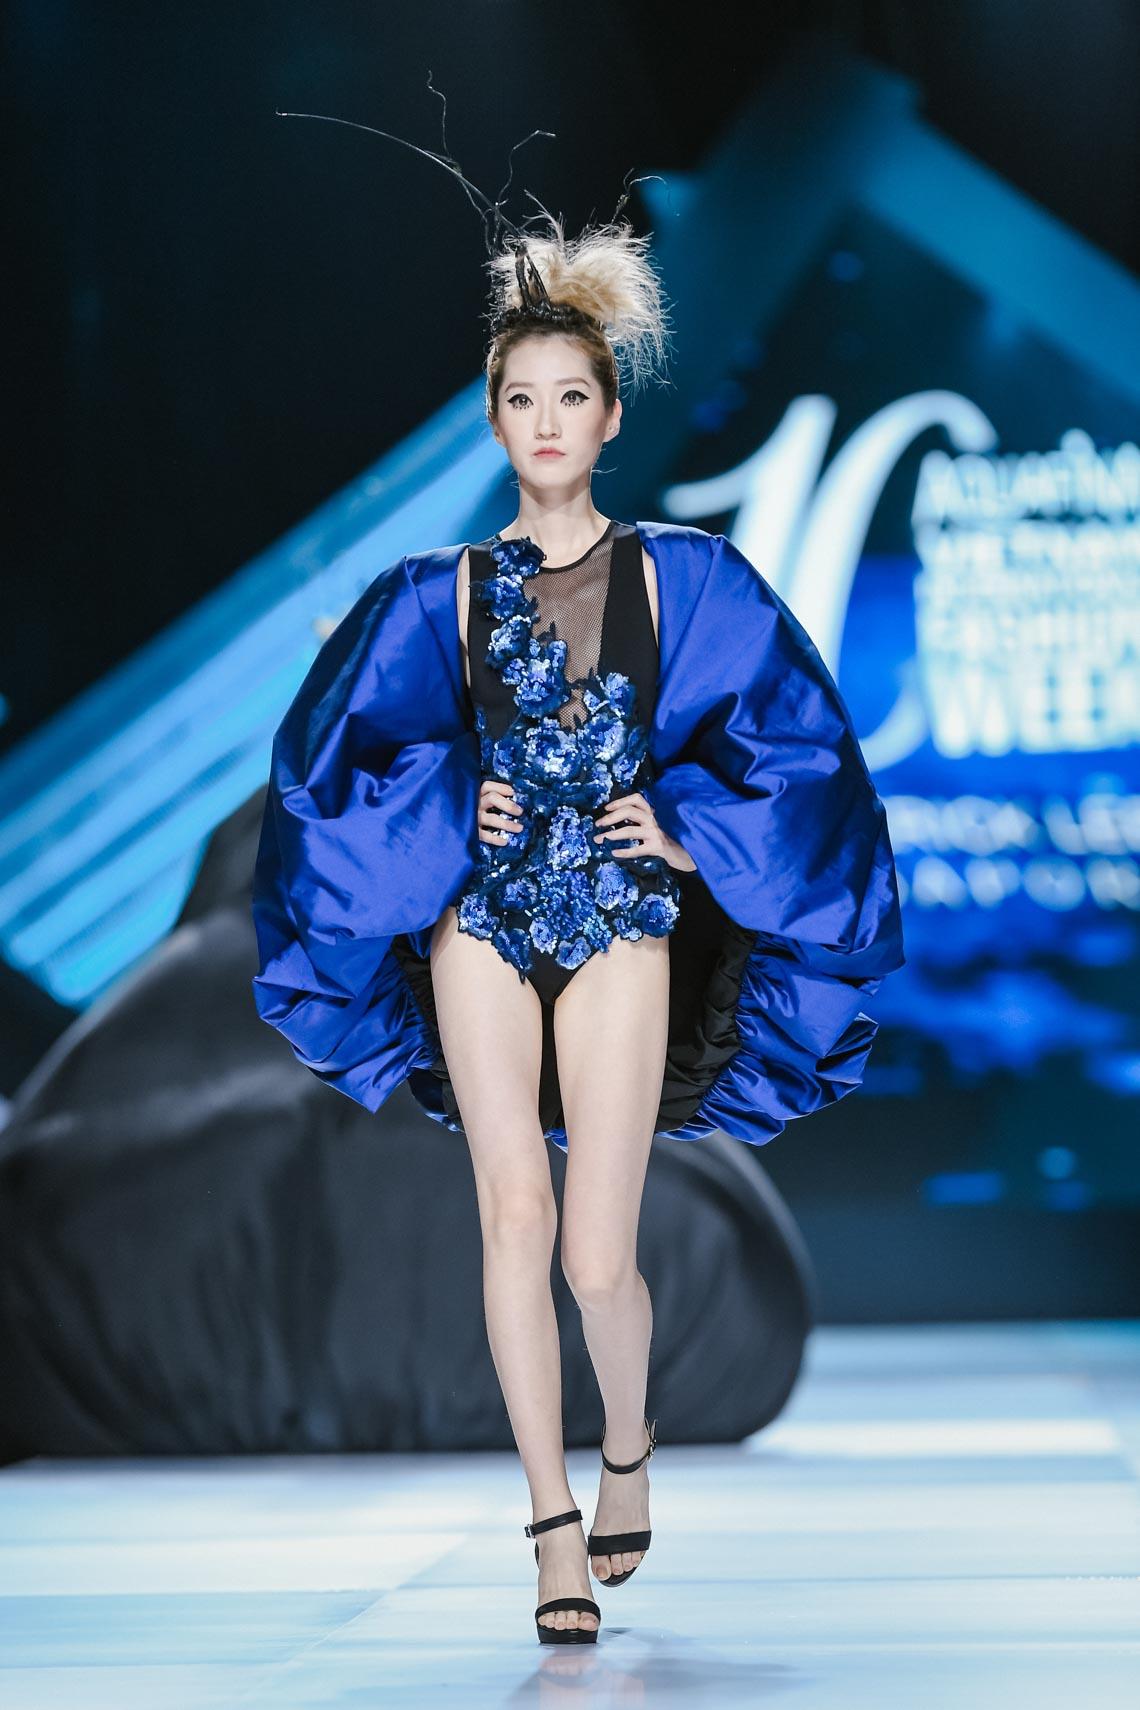 Siêu mẫu Thanh Hằng trong BST mới nhất của Frederick Lee trên sàn diễn Tuần lễ Thời trang Quốc tế Việt Nam Thu Đông 2019 - 1